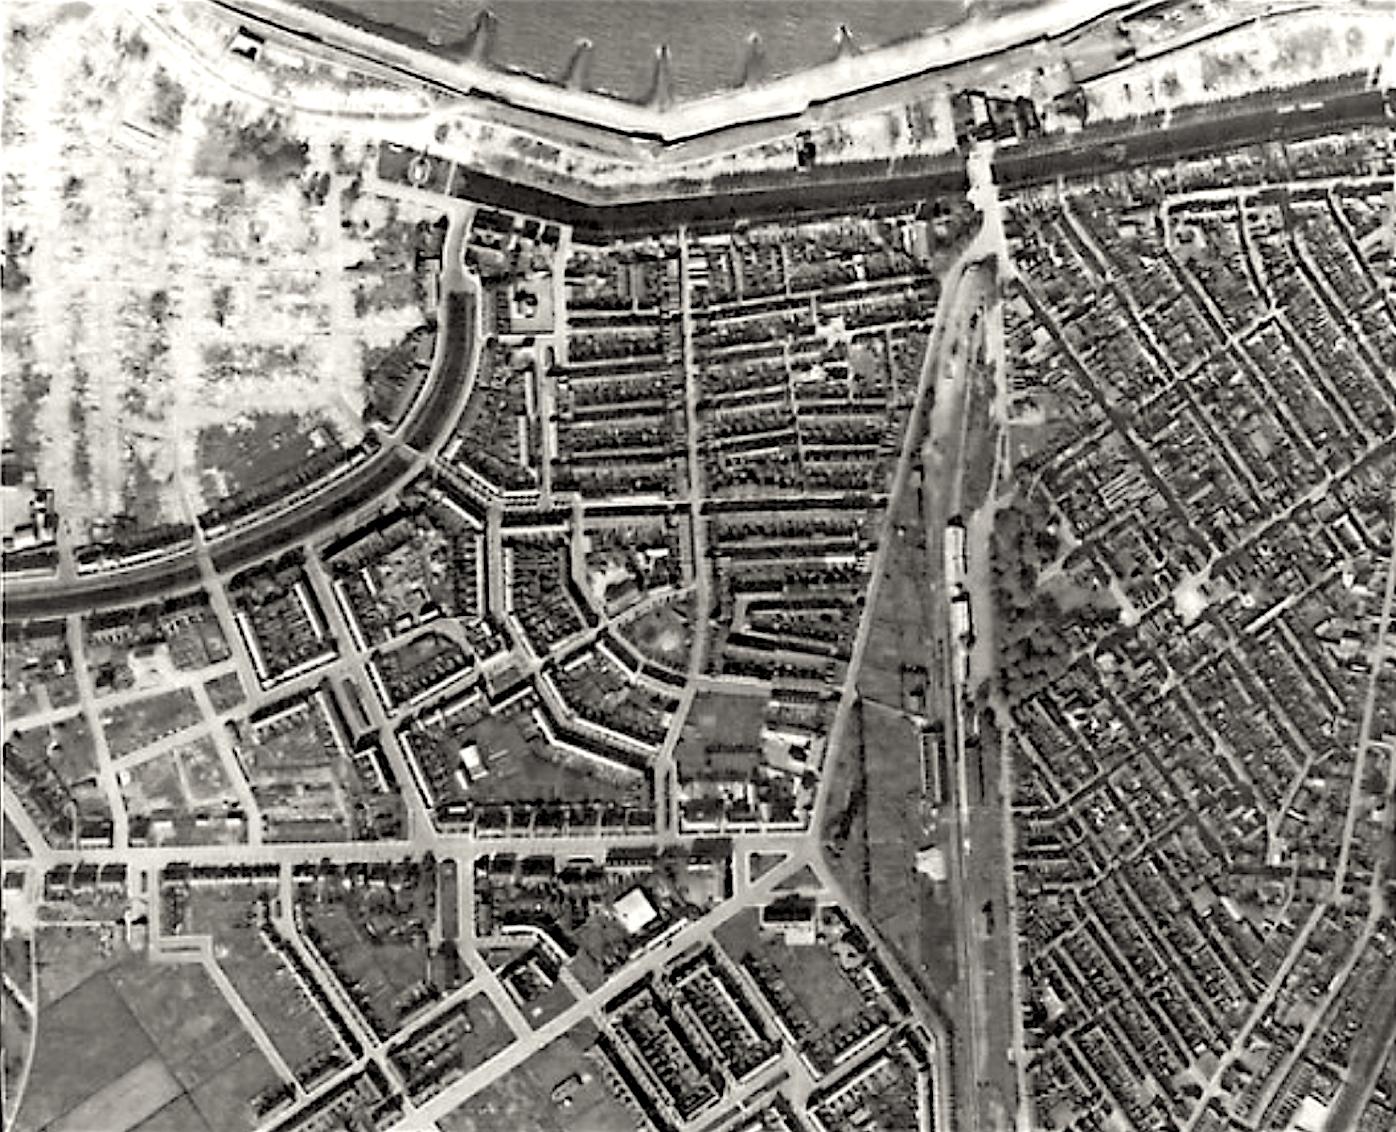 Opname van 4 oktober 1944, de Royal Air Force vloog op ongeveer tien kilometer hoogte over de Helderse binnenstad, linksboven de afgebroken wijk Ouwe Helder, boven de kaalslag langs de Kanaalweg (